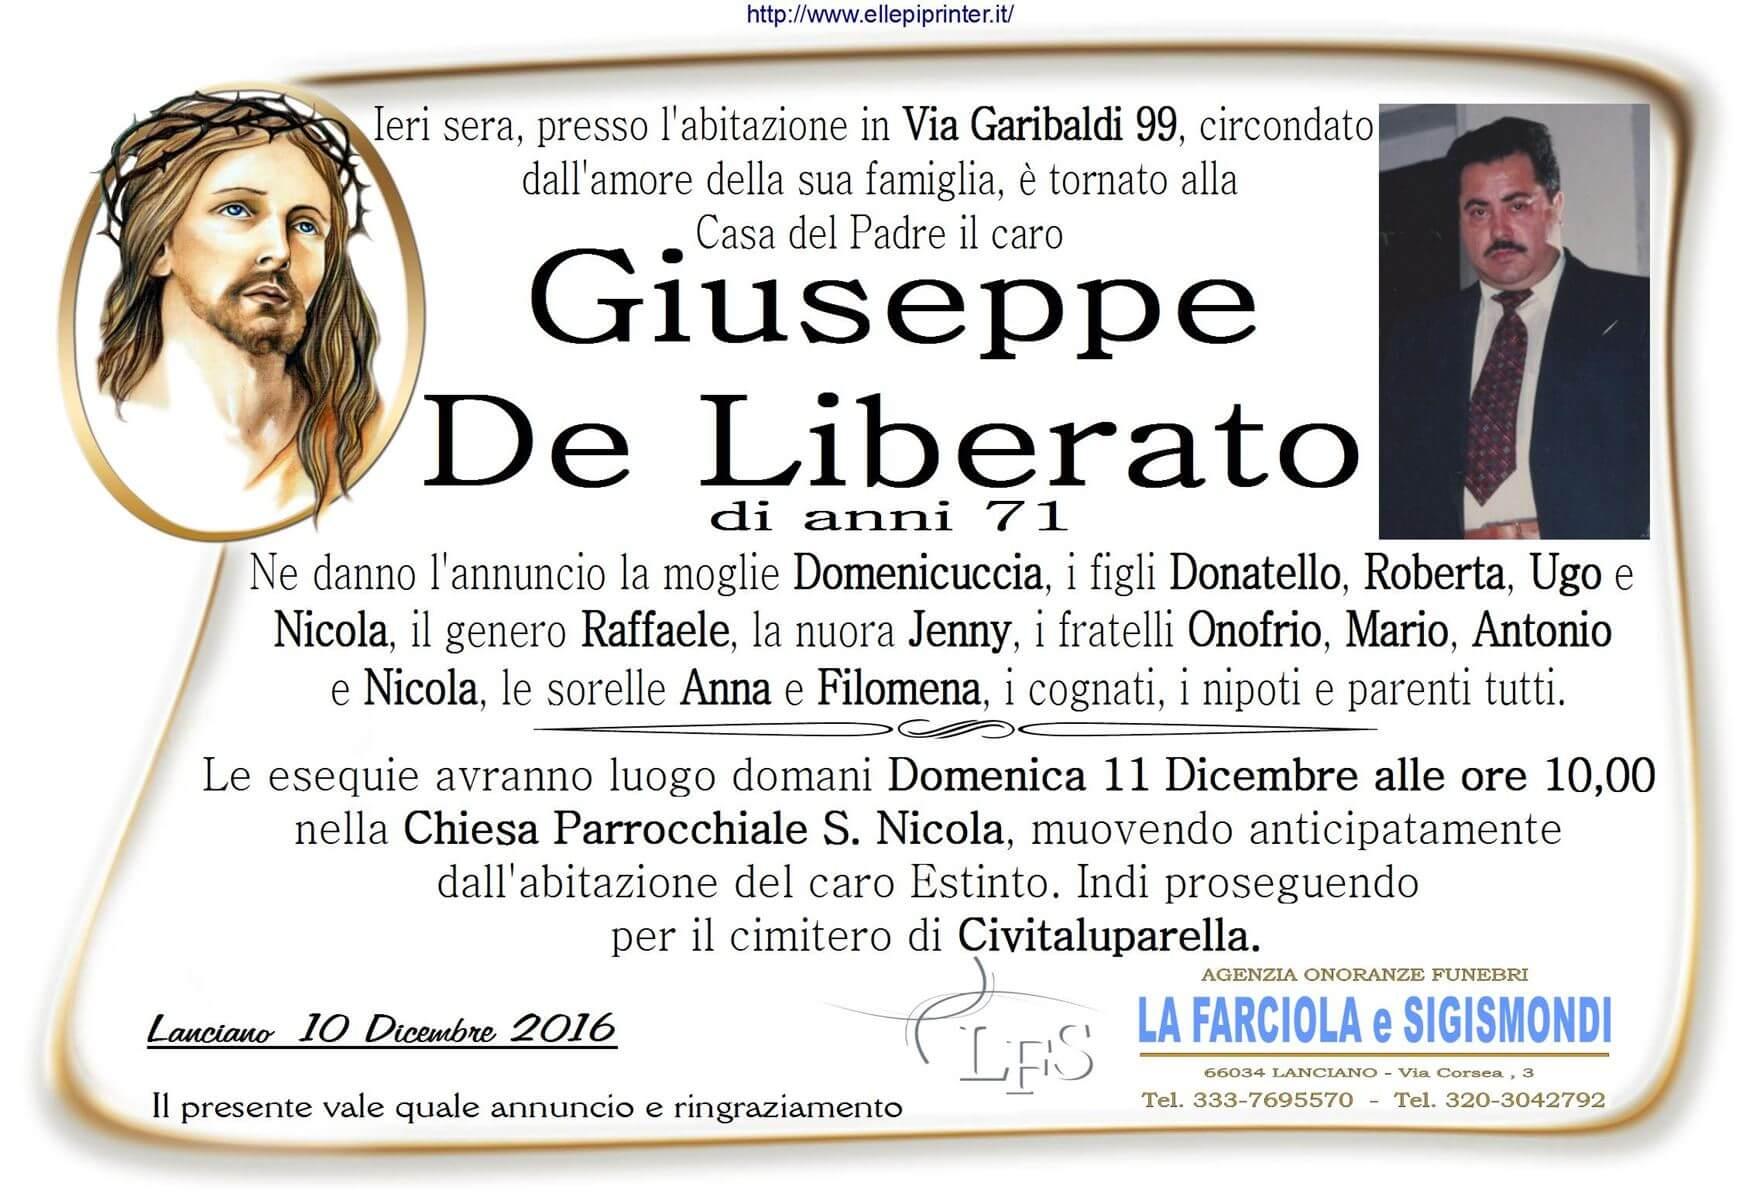 MANIFESTO DE LIBERATO